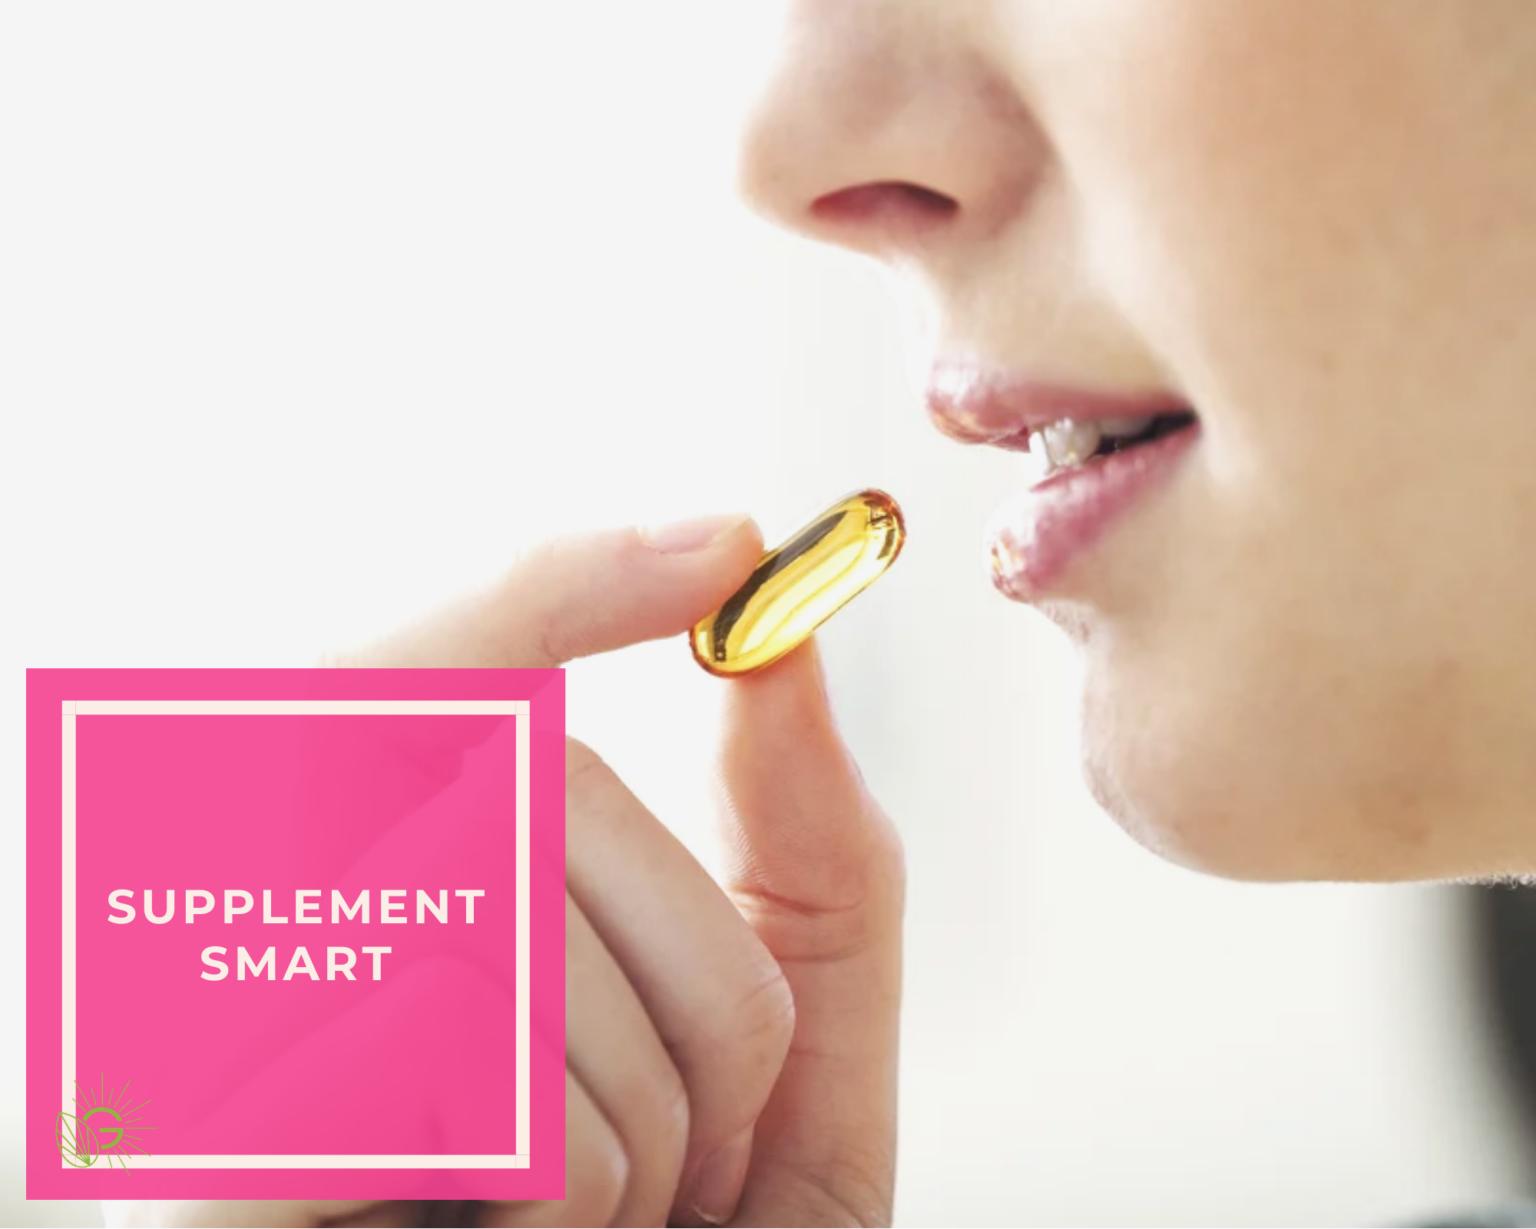 Supplement Smart